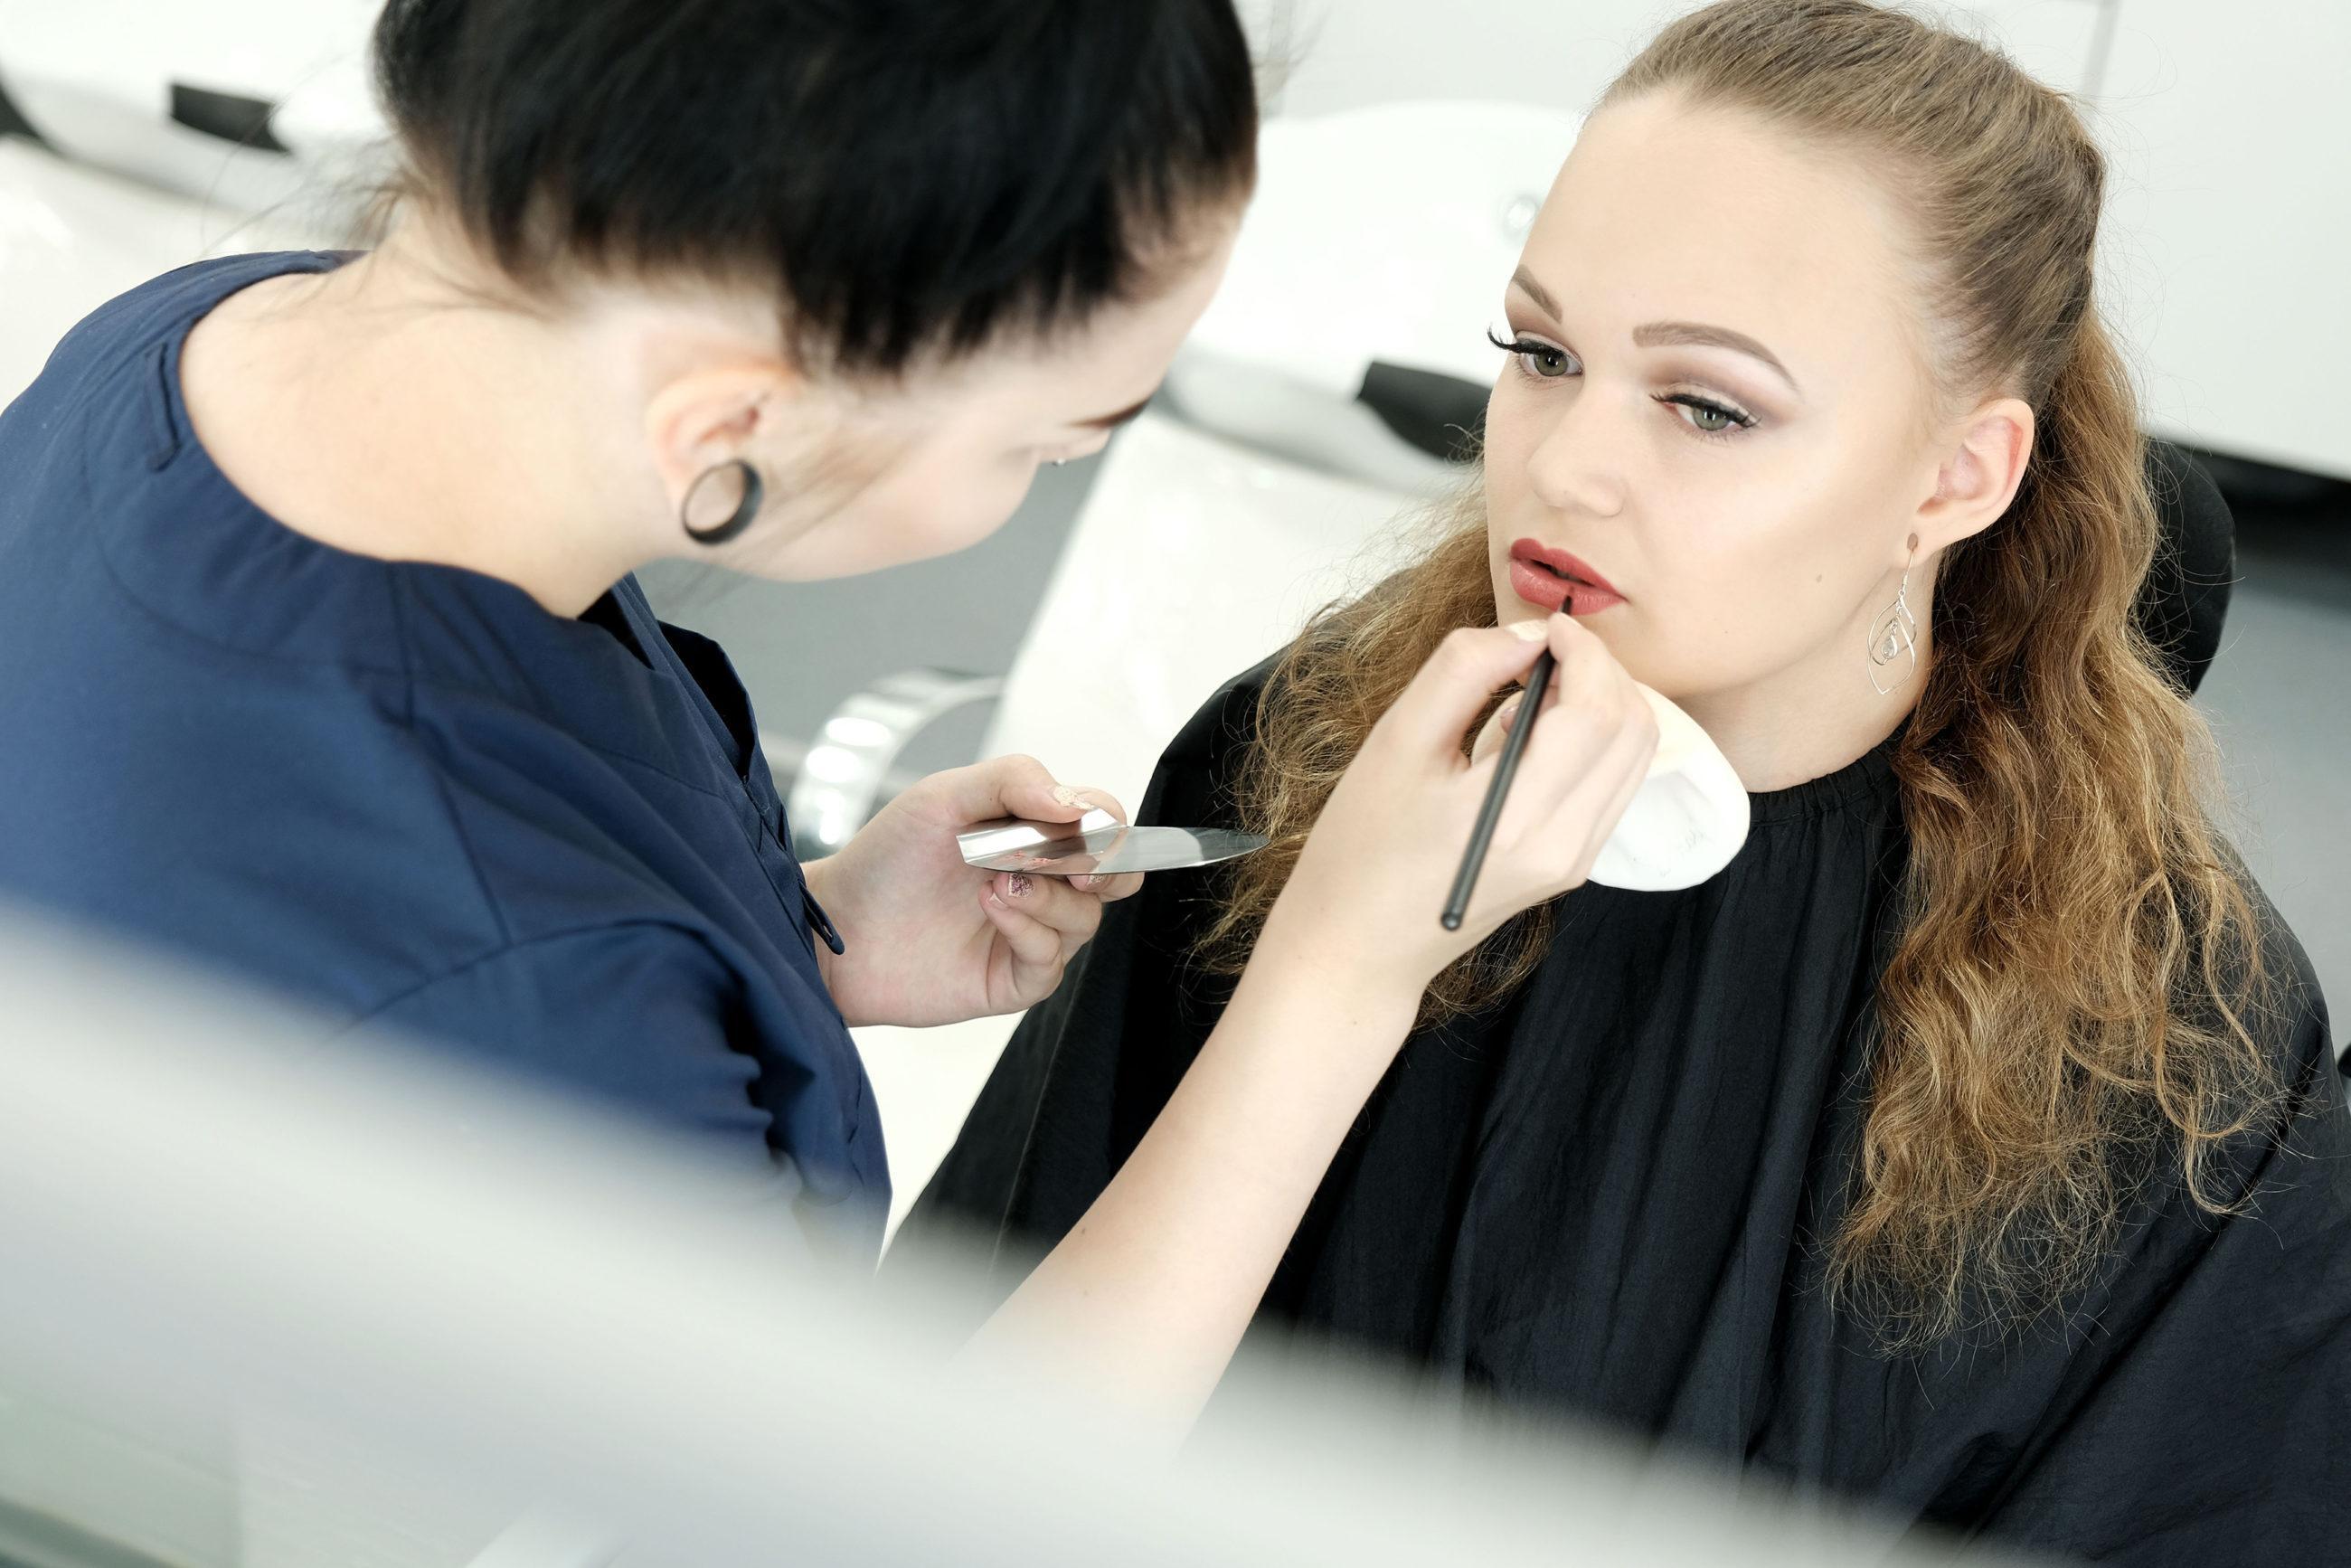 Siniseen kosmetologin työasuun pukeutunut henkilö laittaa siveltimellä huulipunaa nuorelle naiselle.